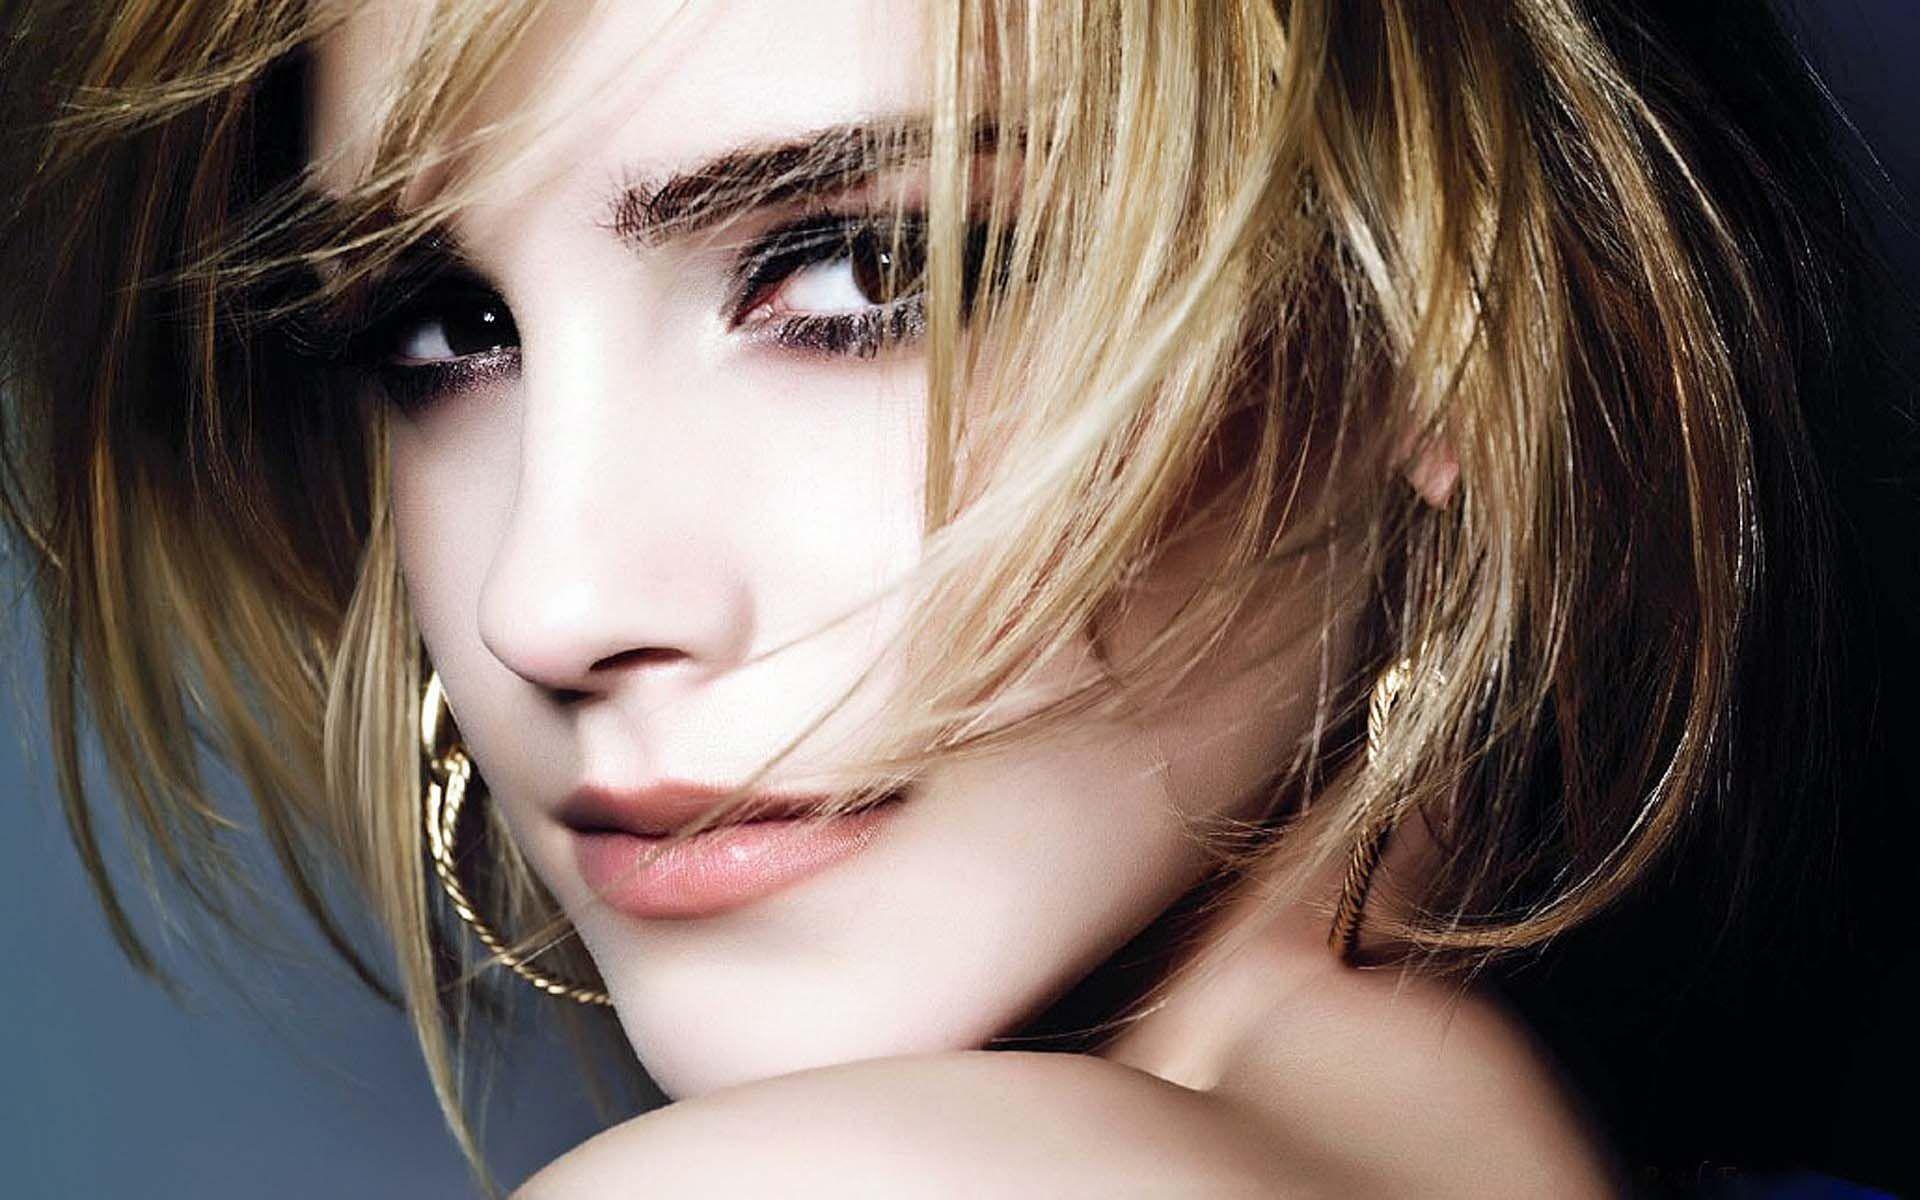 Emma Watson desktop wallpaper